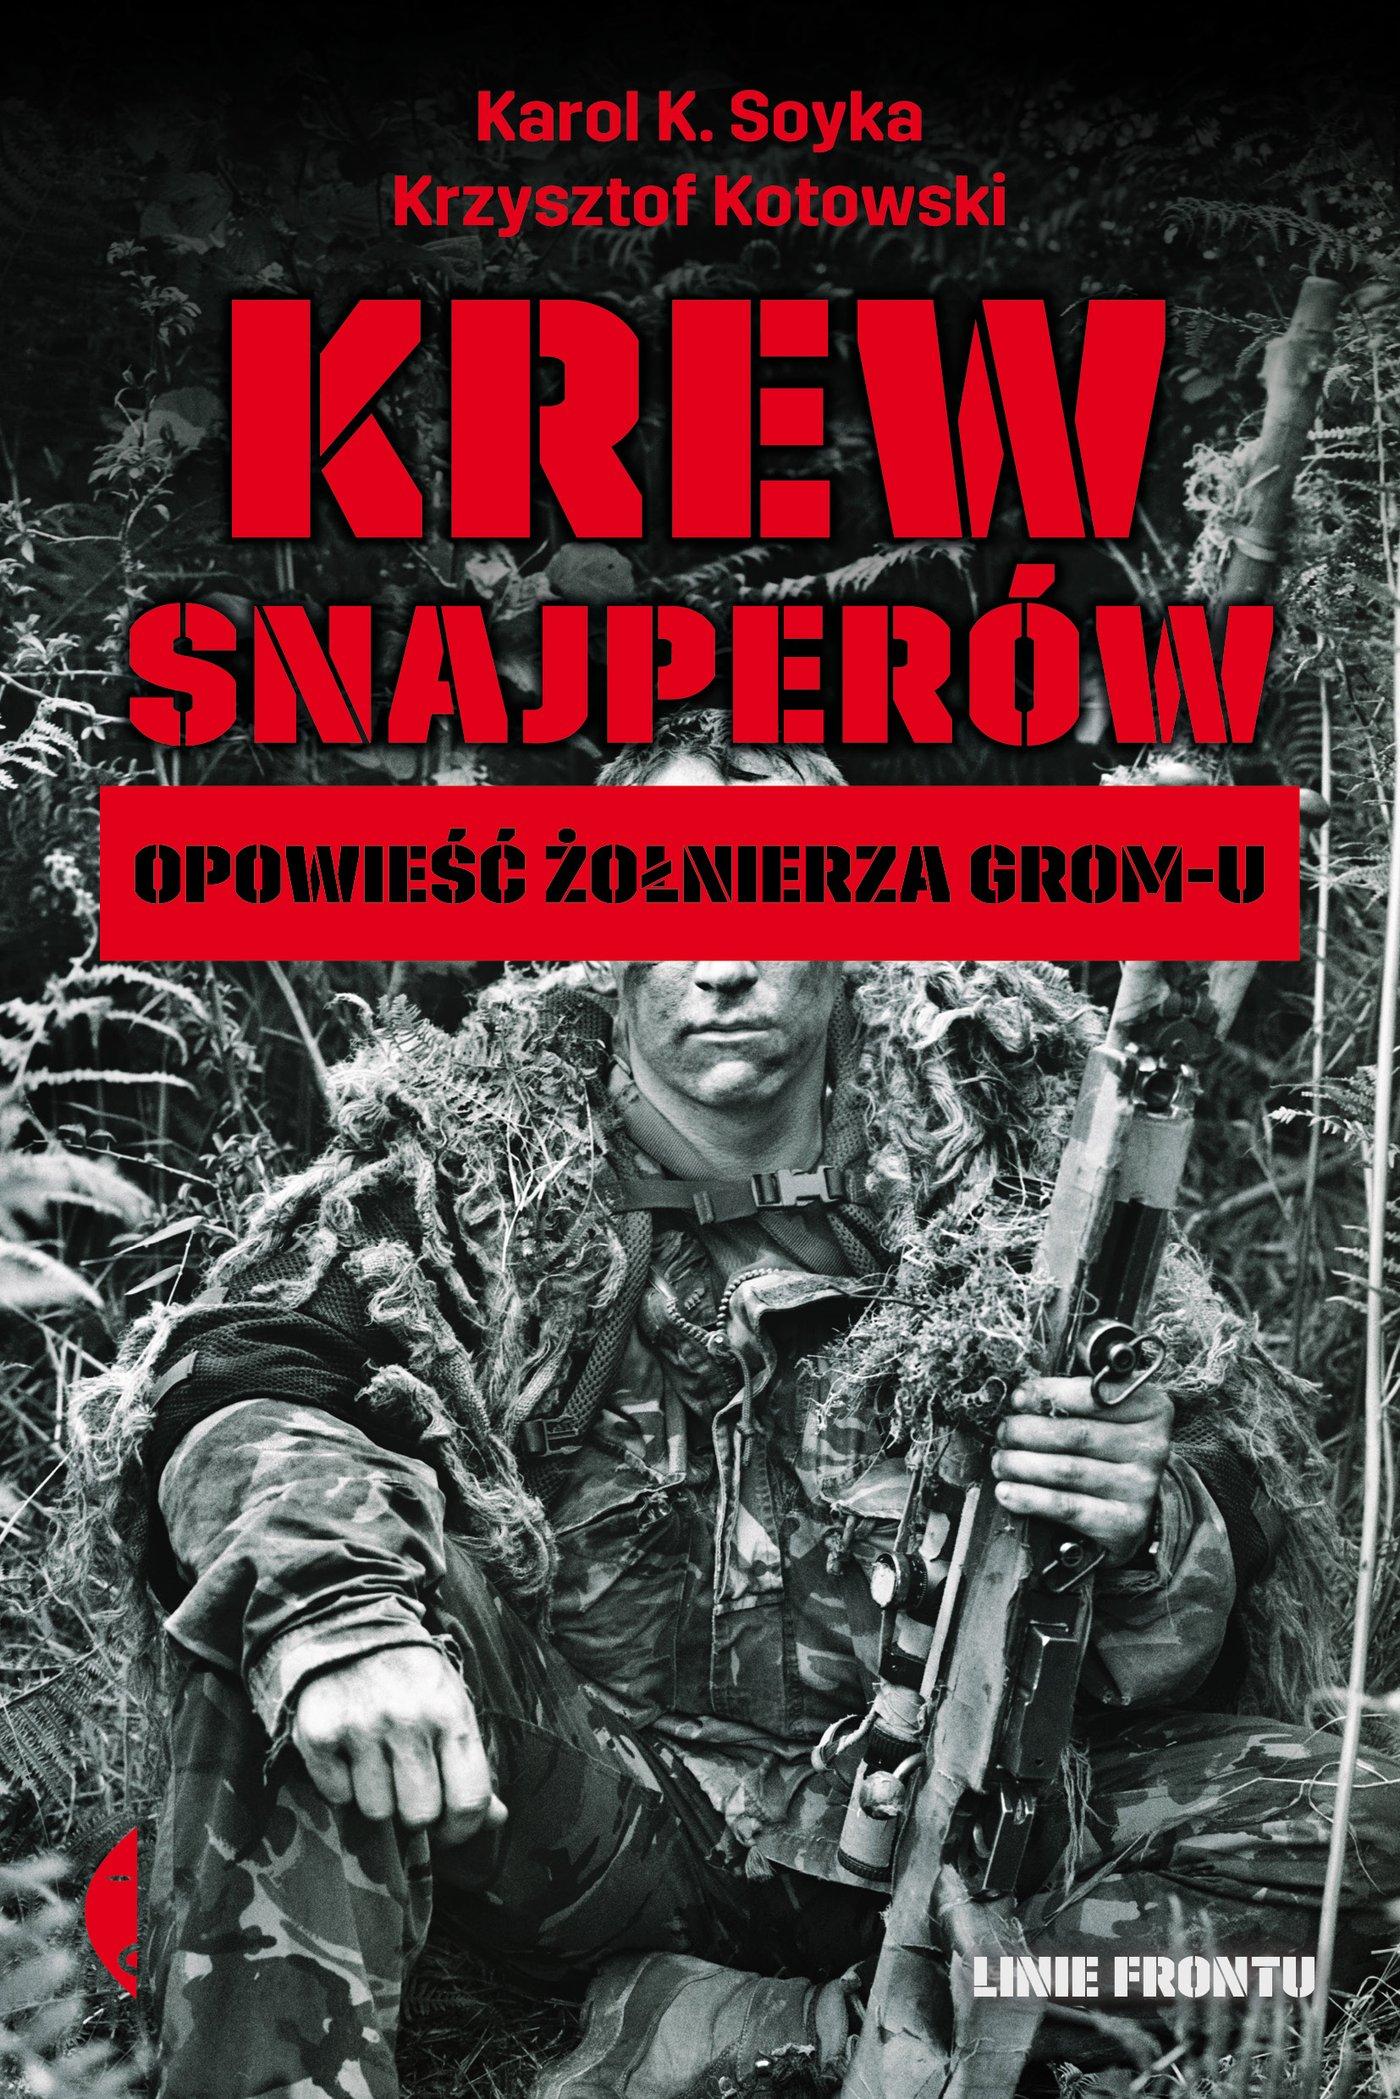 Krew snajperów - Ebook (Książka EPUB) do pobrania w formacie EPUB